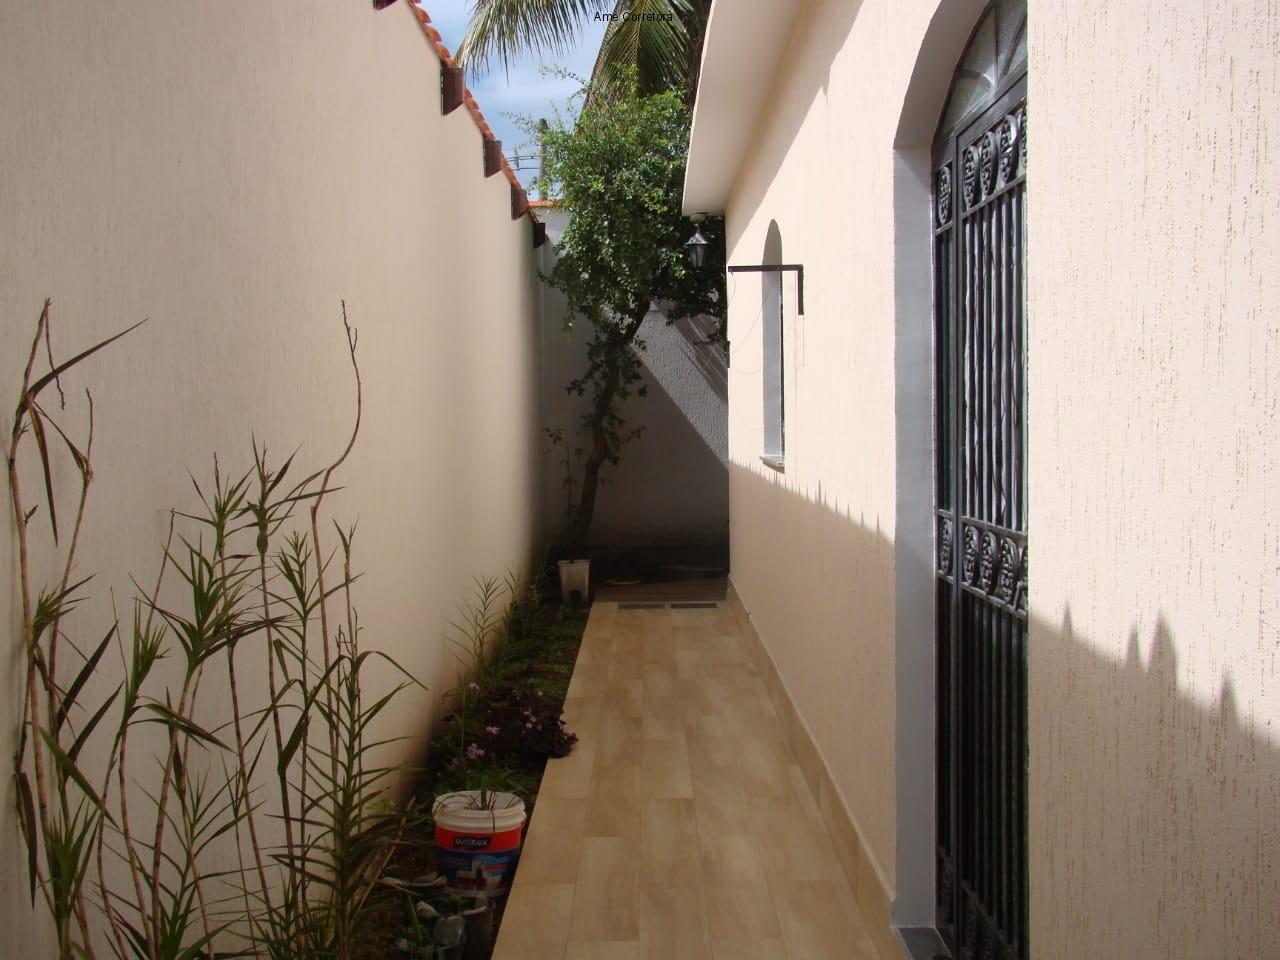 FOTO 23 - Casa 3 quartos à venda Guaratiba, Rio de Janeiro - R$ 350.000 - CA00784 - 24